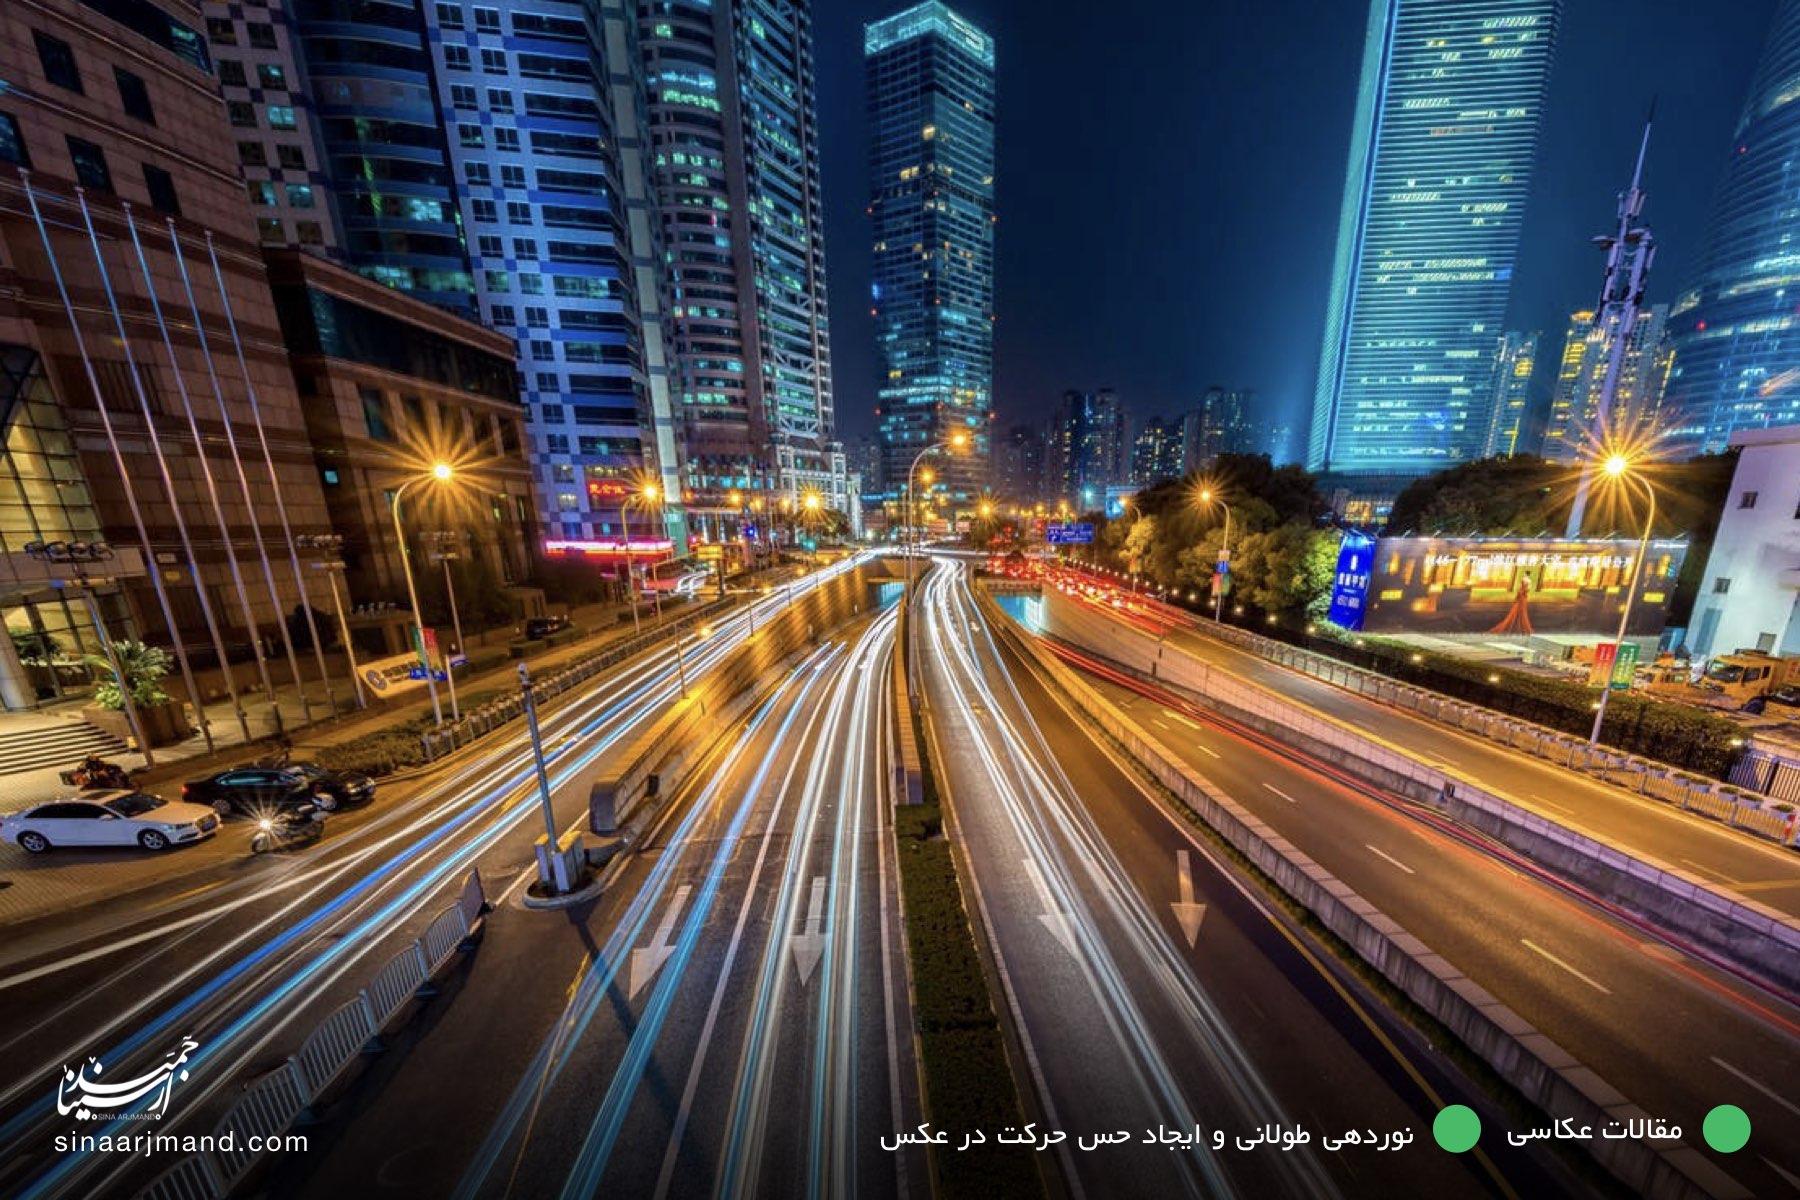 نوردهی طولانی | آموزش عکاسی | کشیدگی حرکت